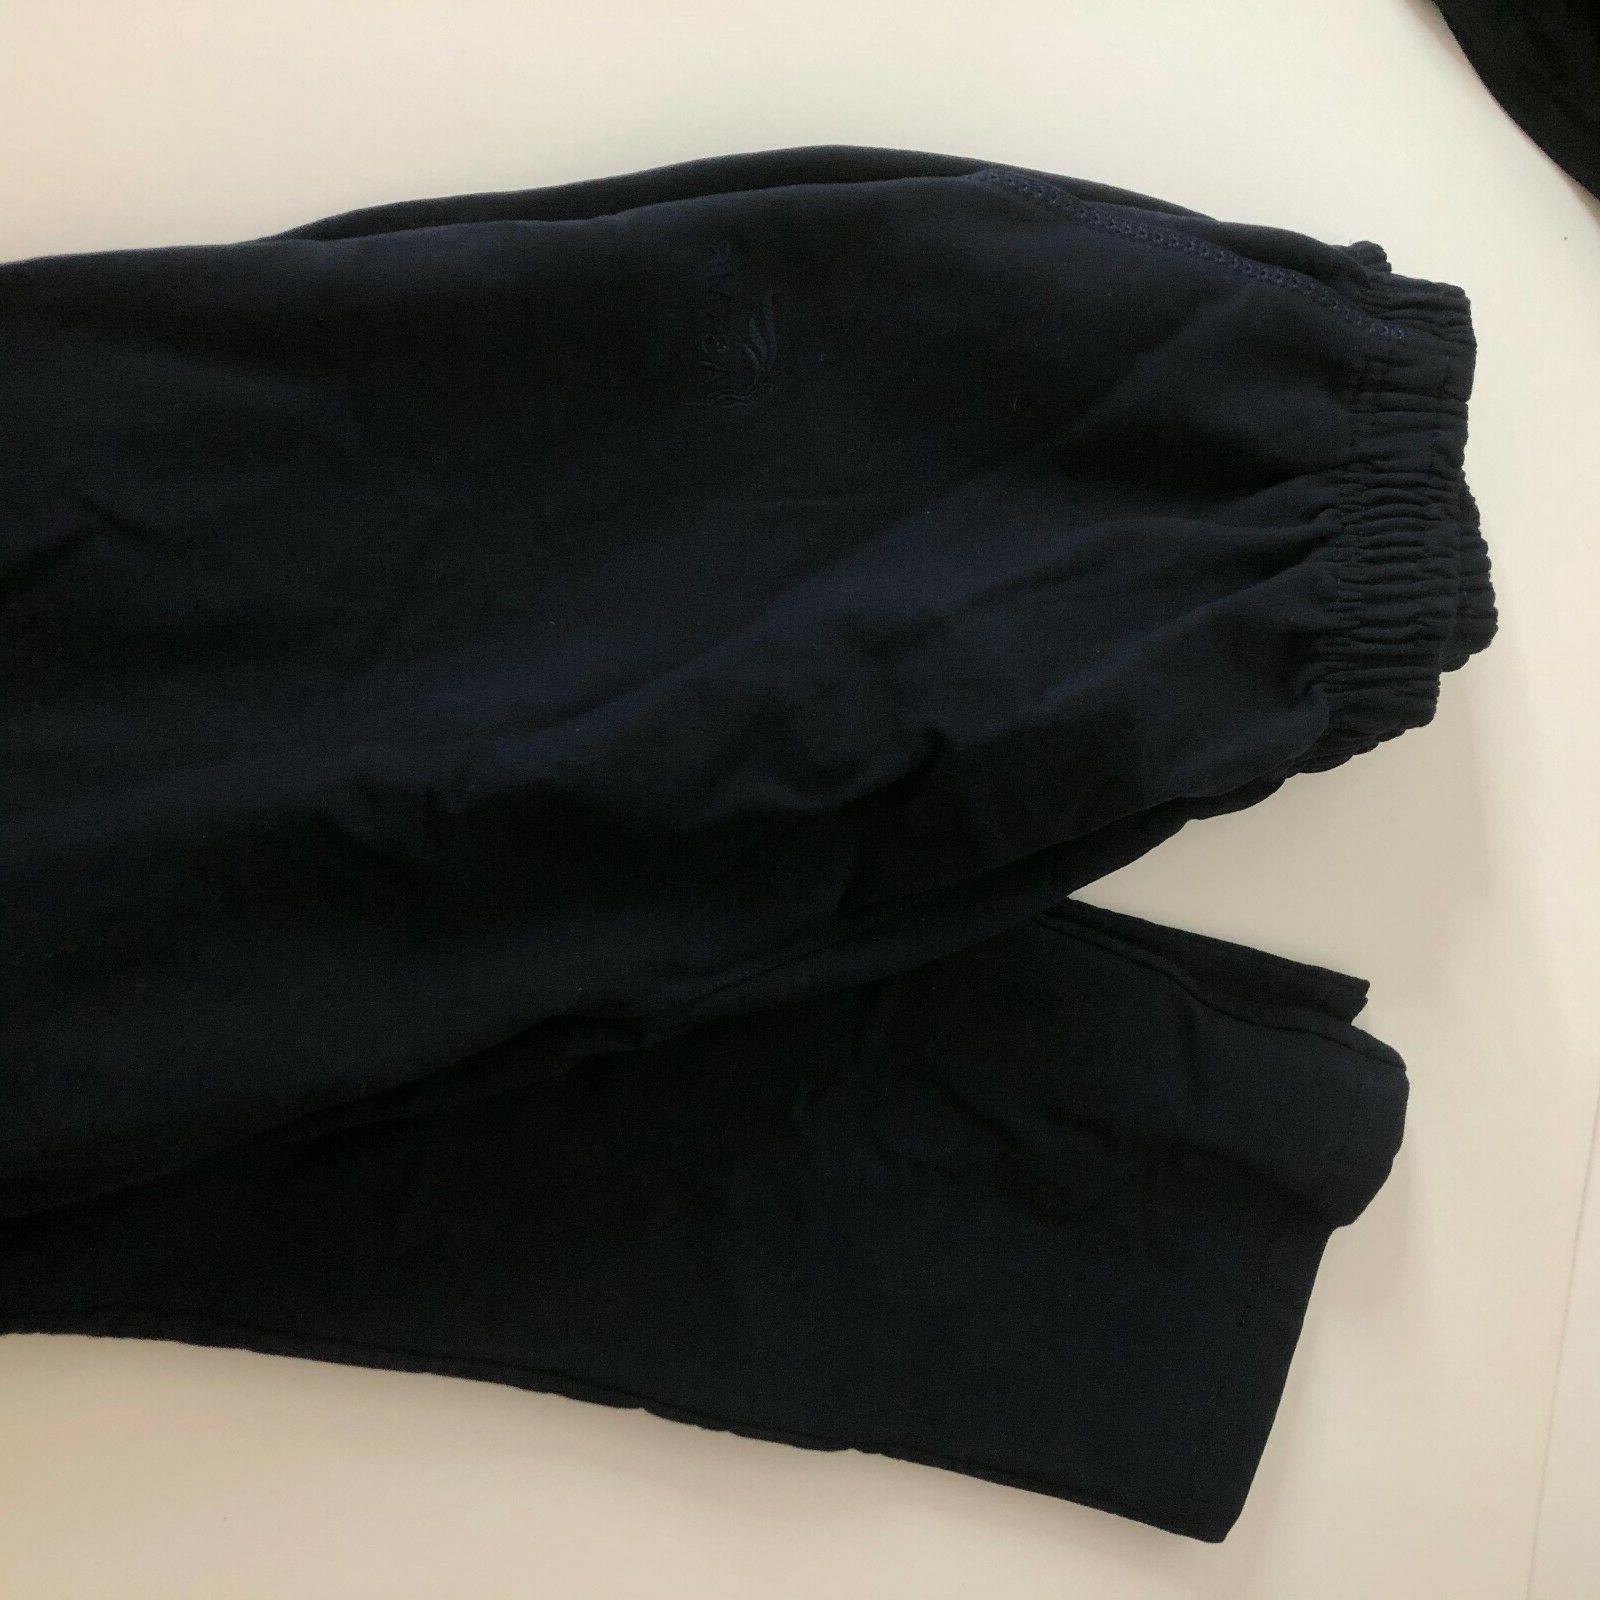 Hanes Men's Leg Pockets,